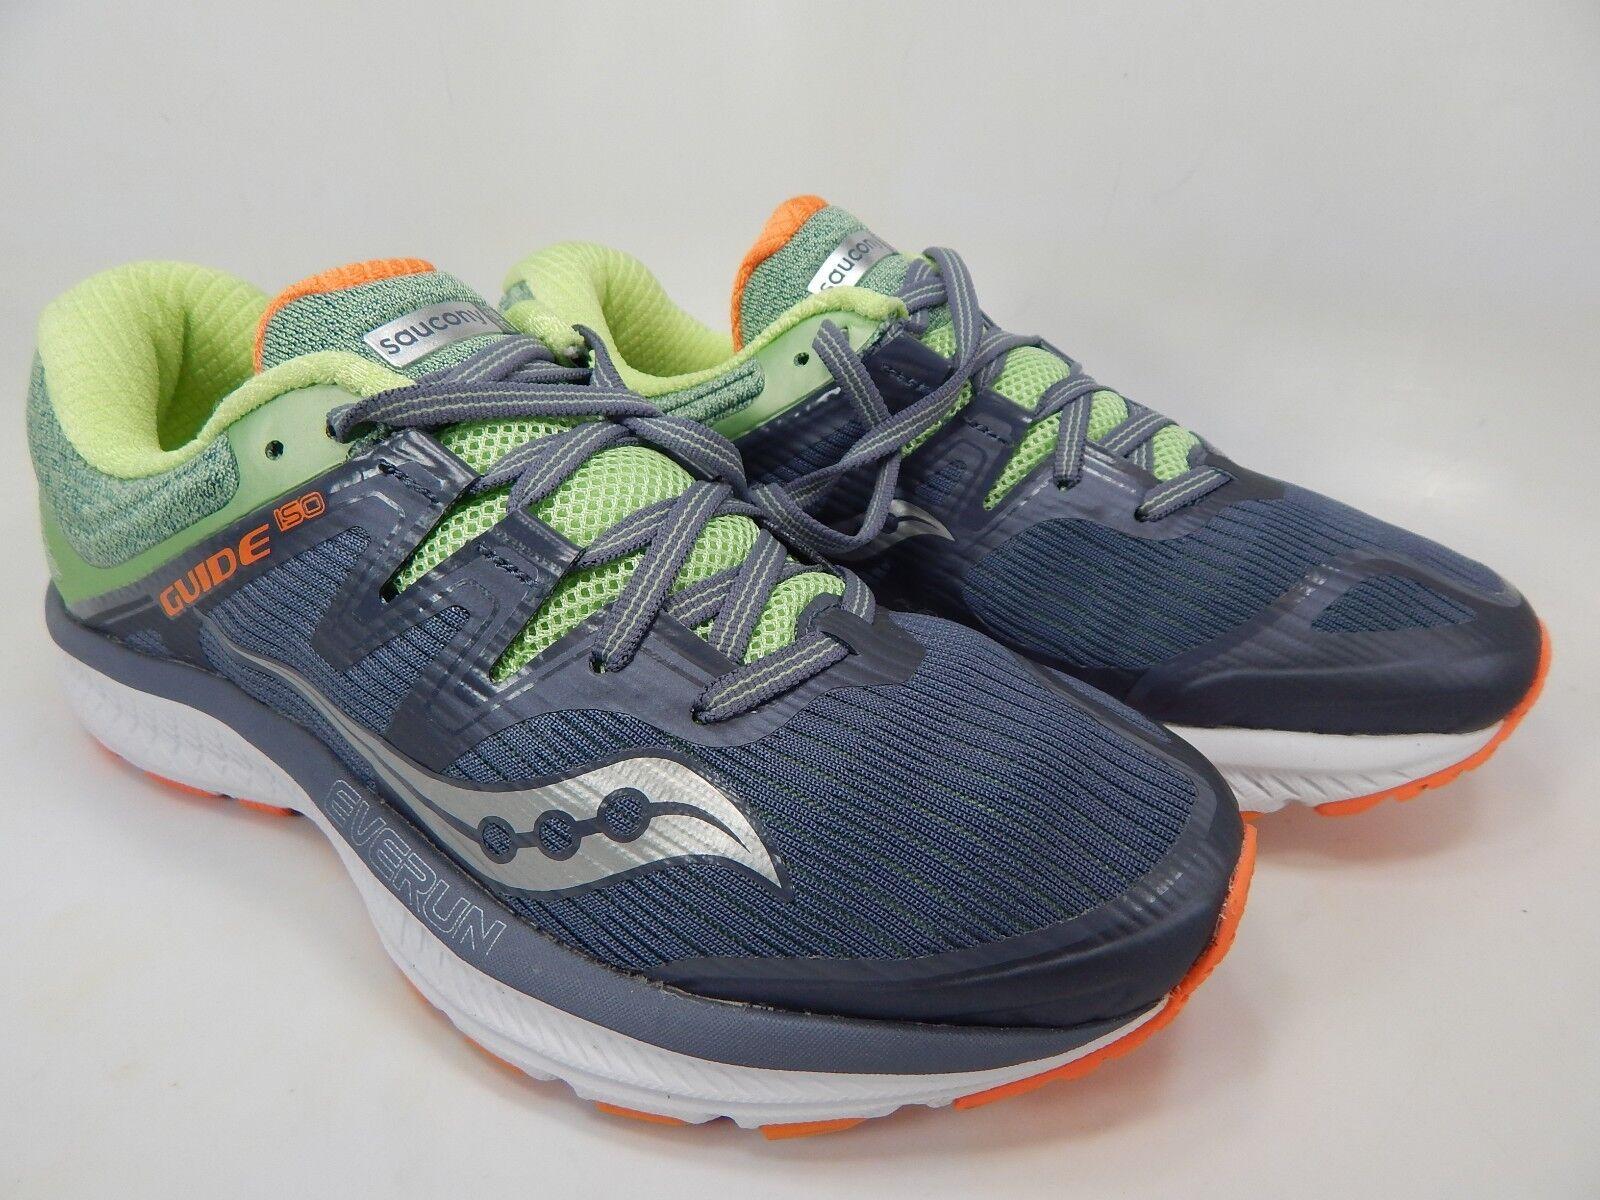 Saucony Guide ISO ISO ISO tamaño nos 8 M (B) EU 39 Para Mujer Zapatos Para Correr gris S10415-3  excelentes precios